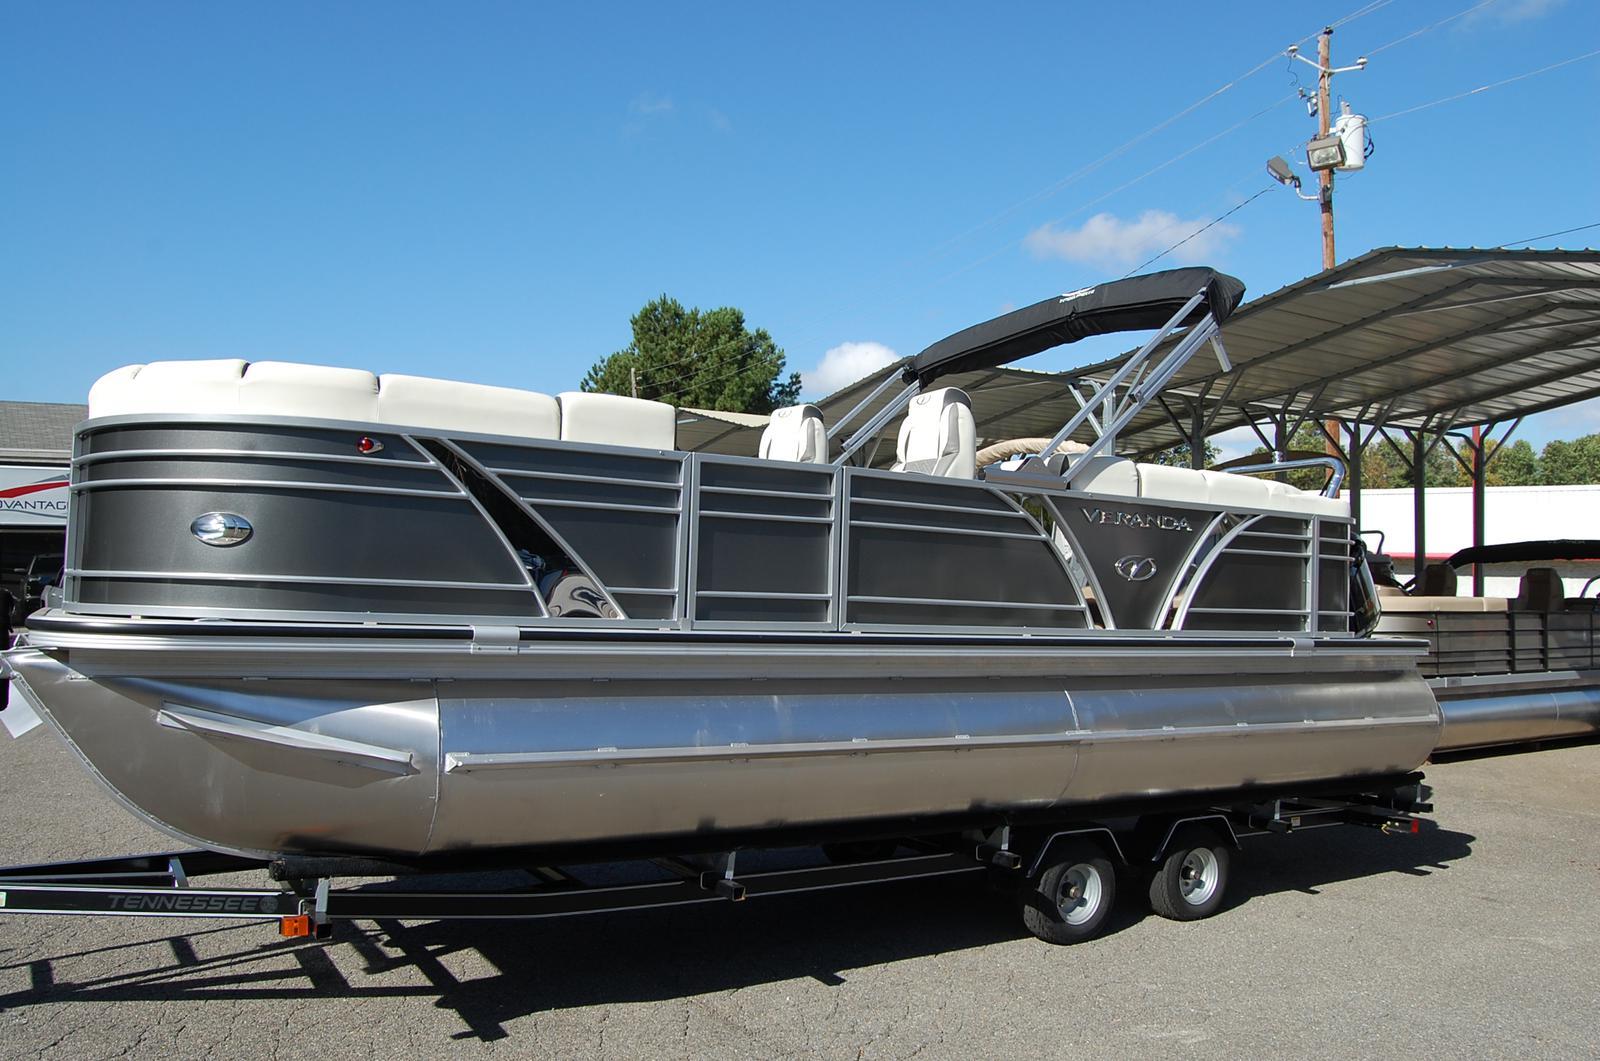 Veranda 2018  2018 Veranda VP22RC for sale in Cumming, GA   Advantage Boat ...